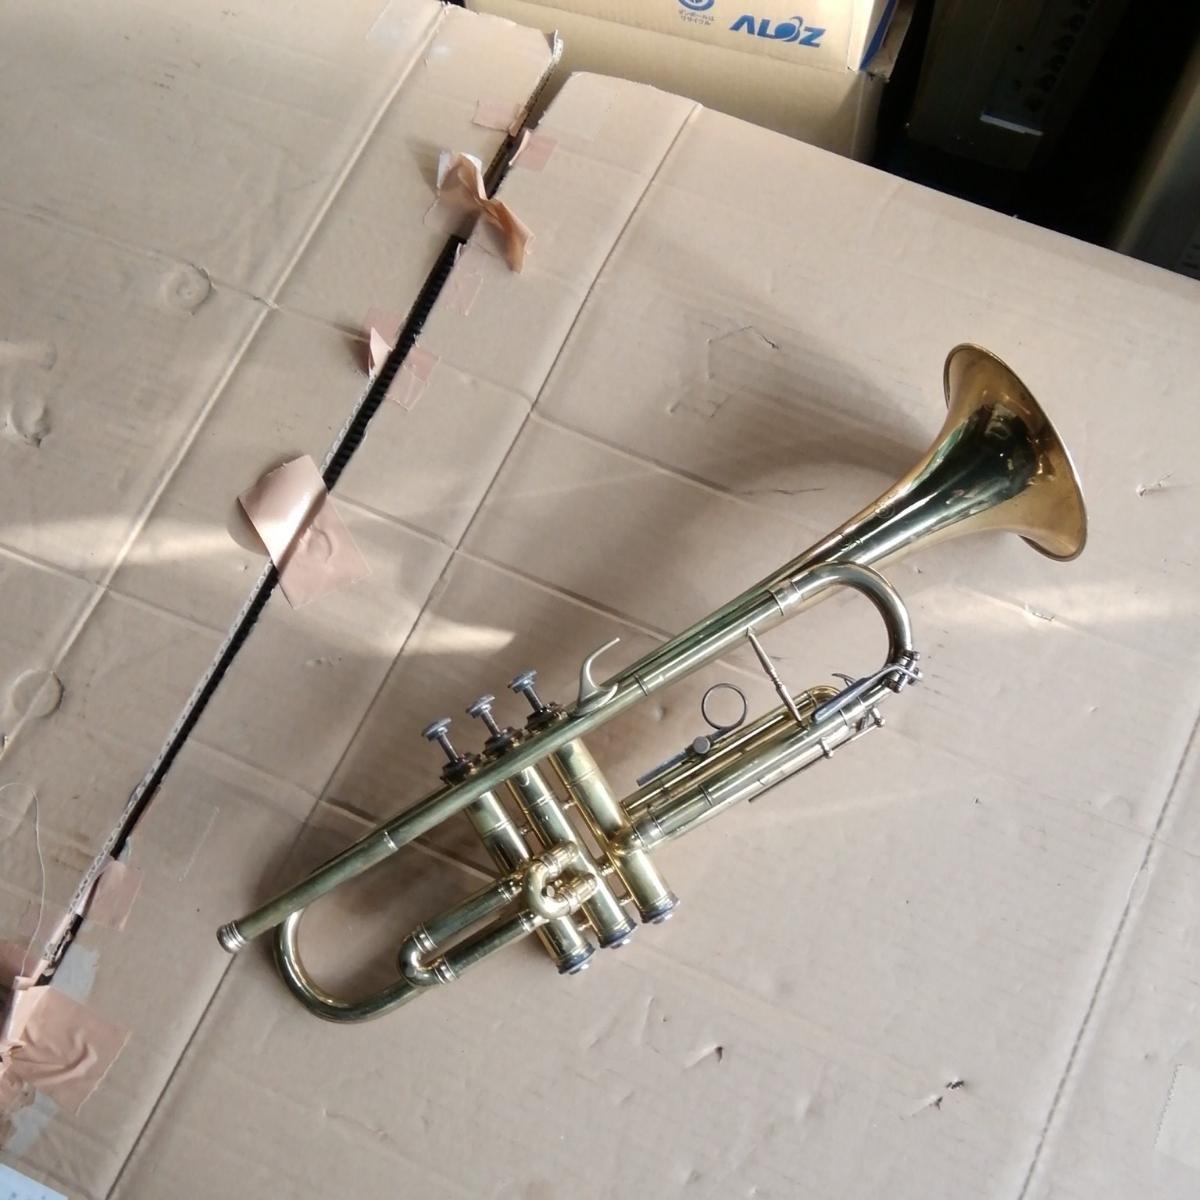 中古melody Maker トランペット 中古 管楽器 の落札情報詳細